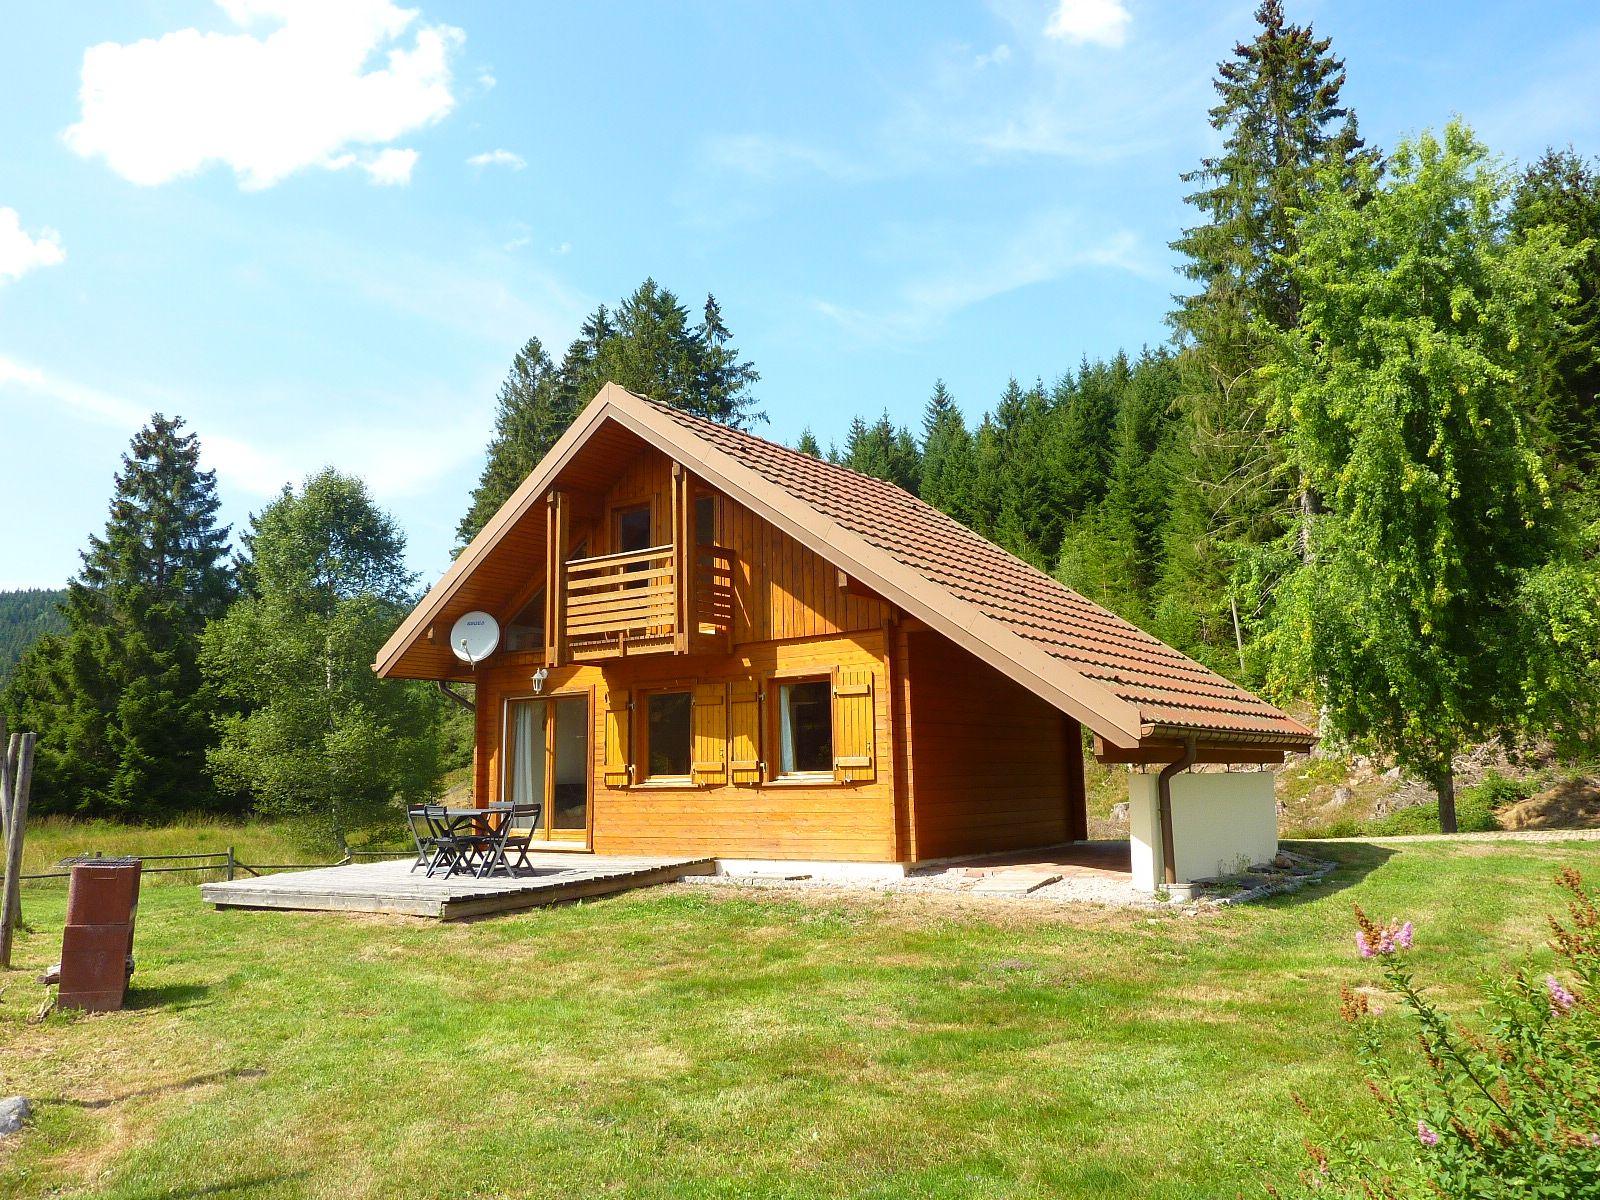 chalets dans les vosges 28 images votre chalet en bois dans les vosges divers, location  # Chalet Bois Vosges